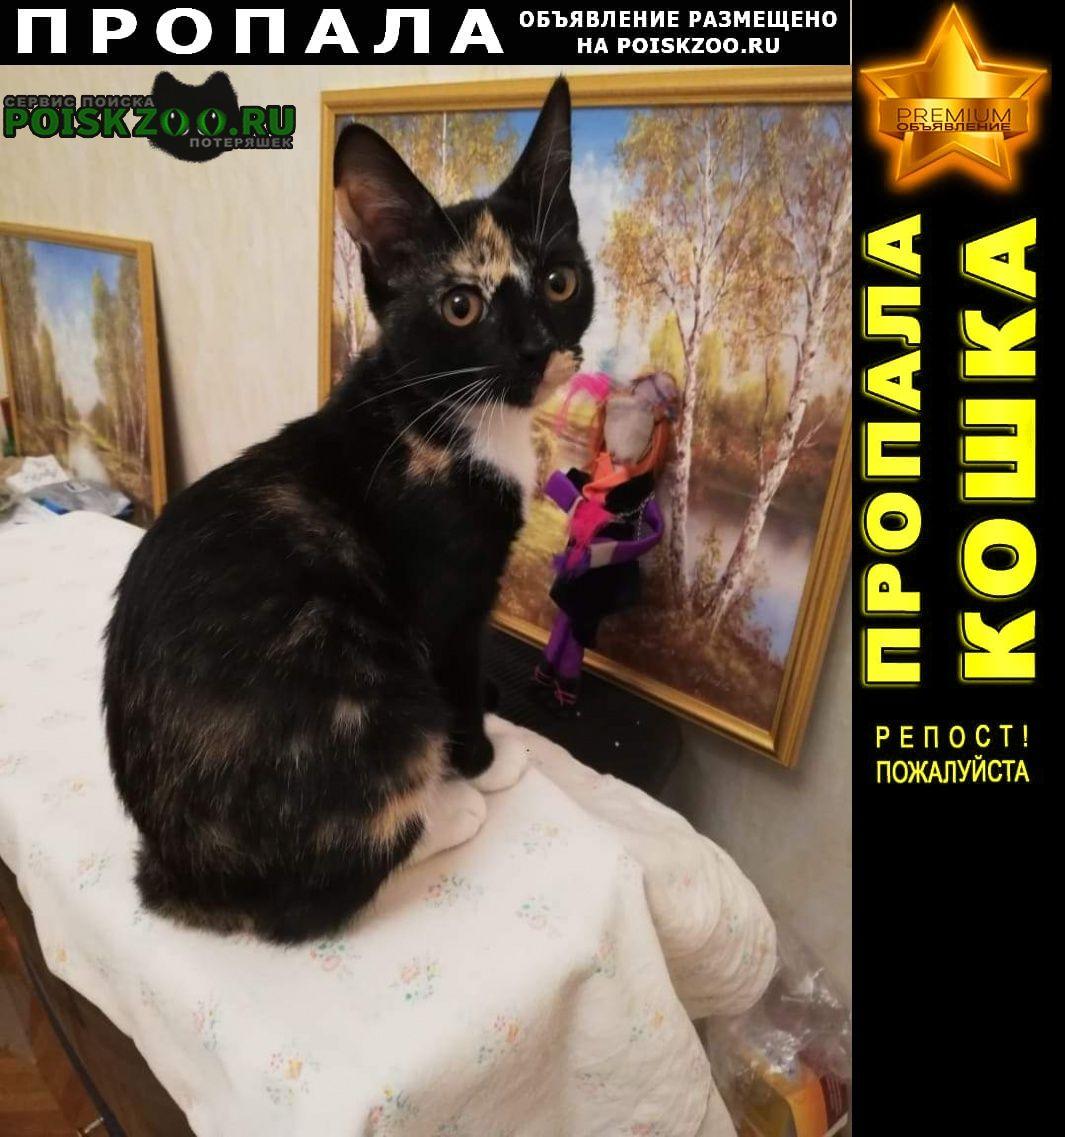 Пропала кошка около пансионата нева 4 ноября Сочи